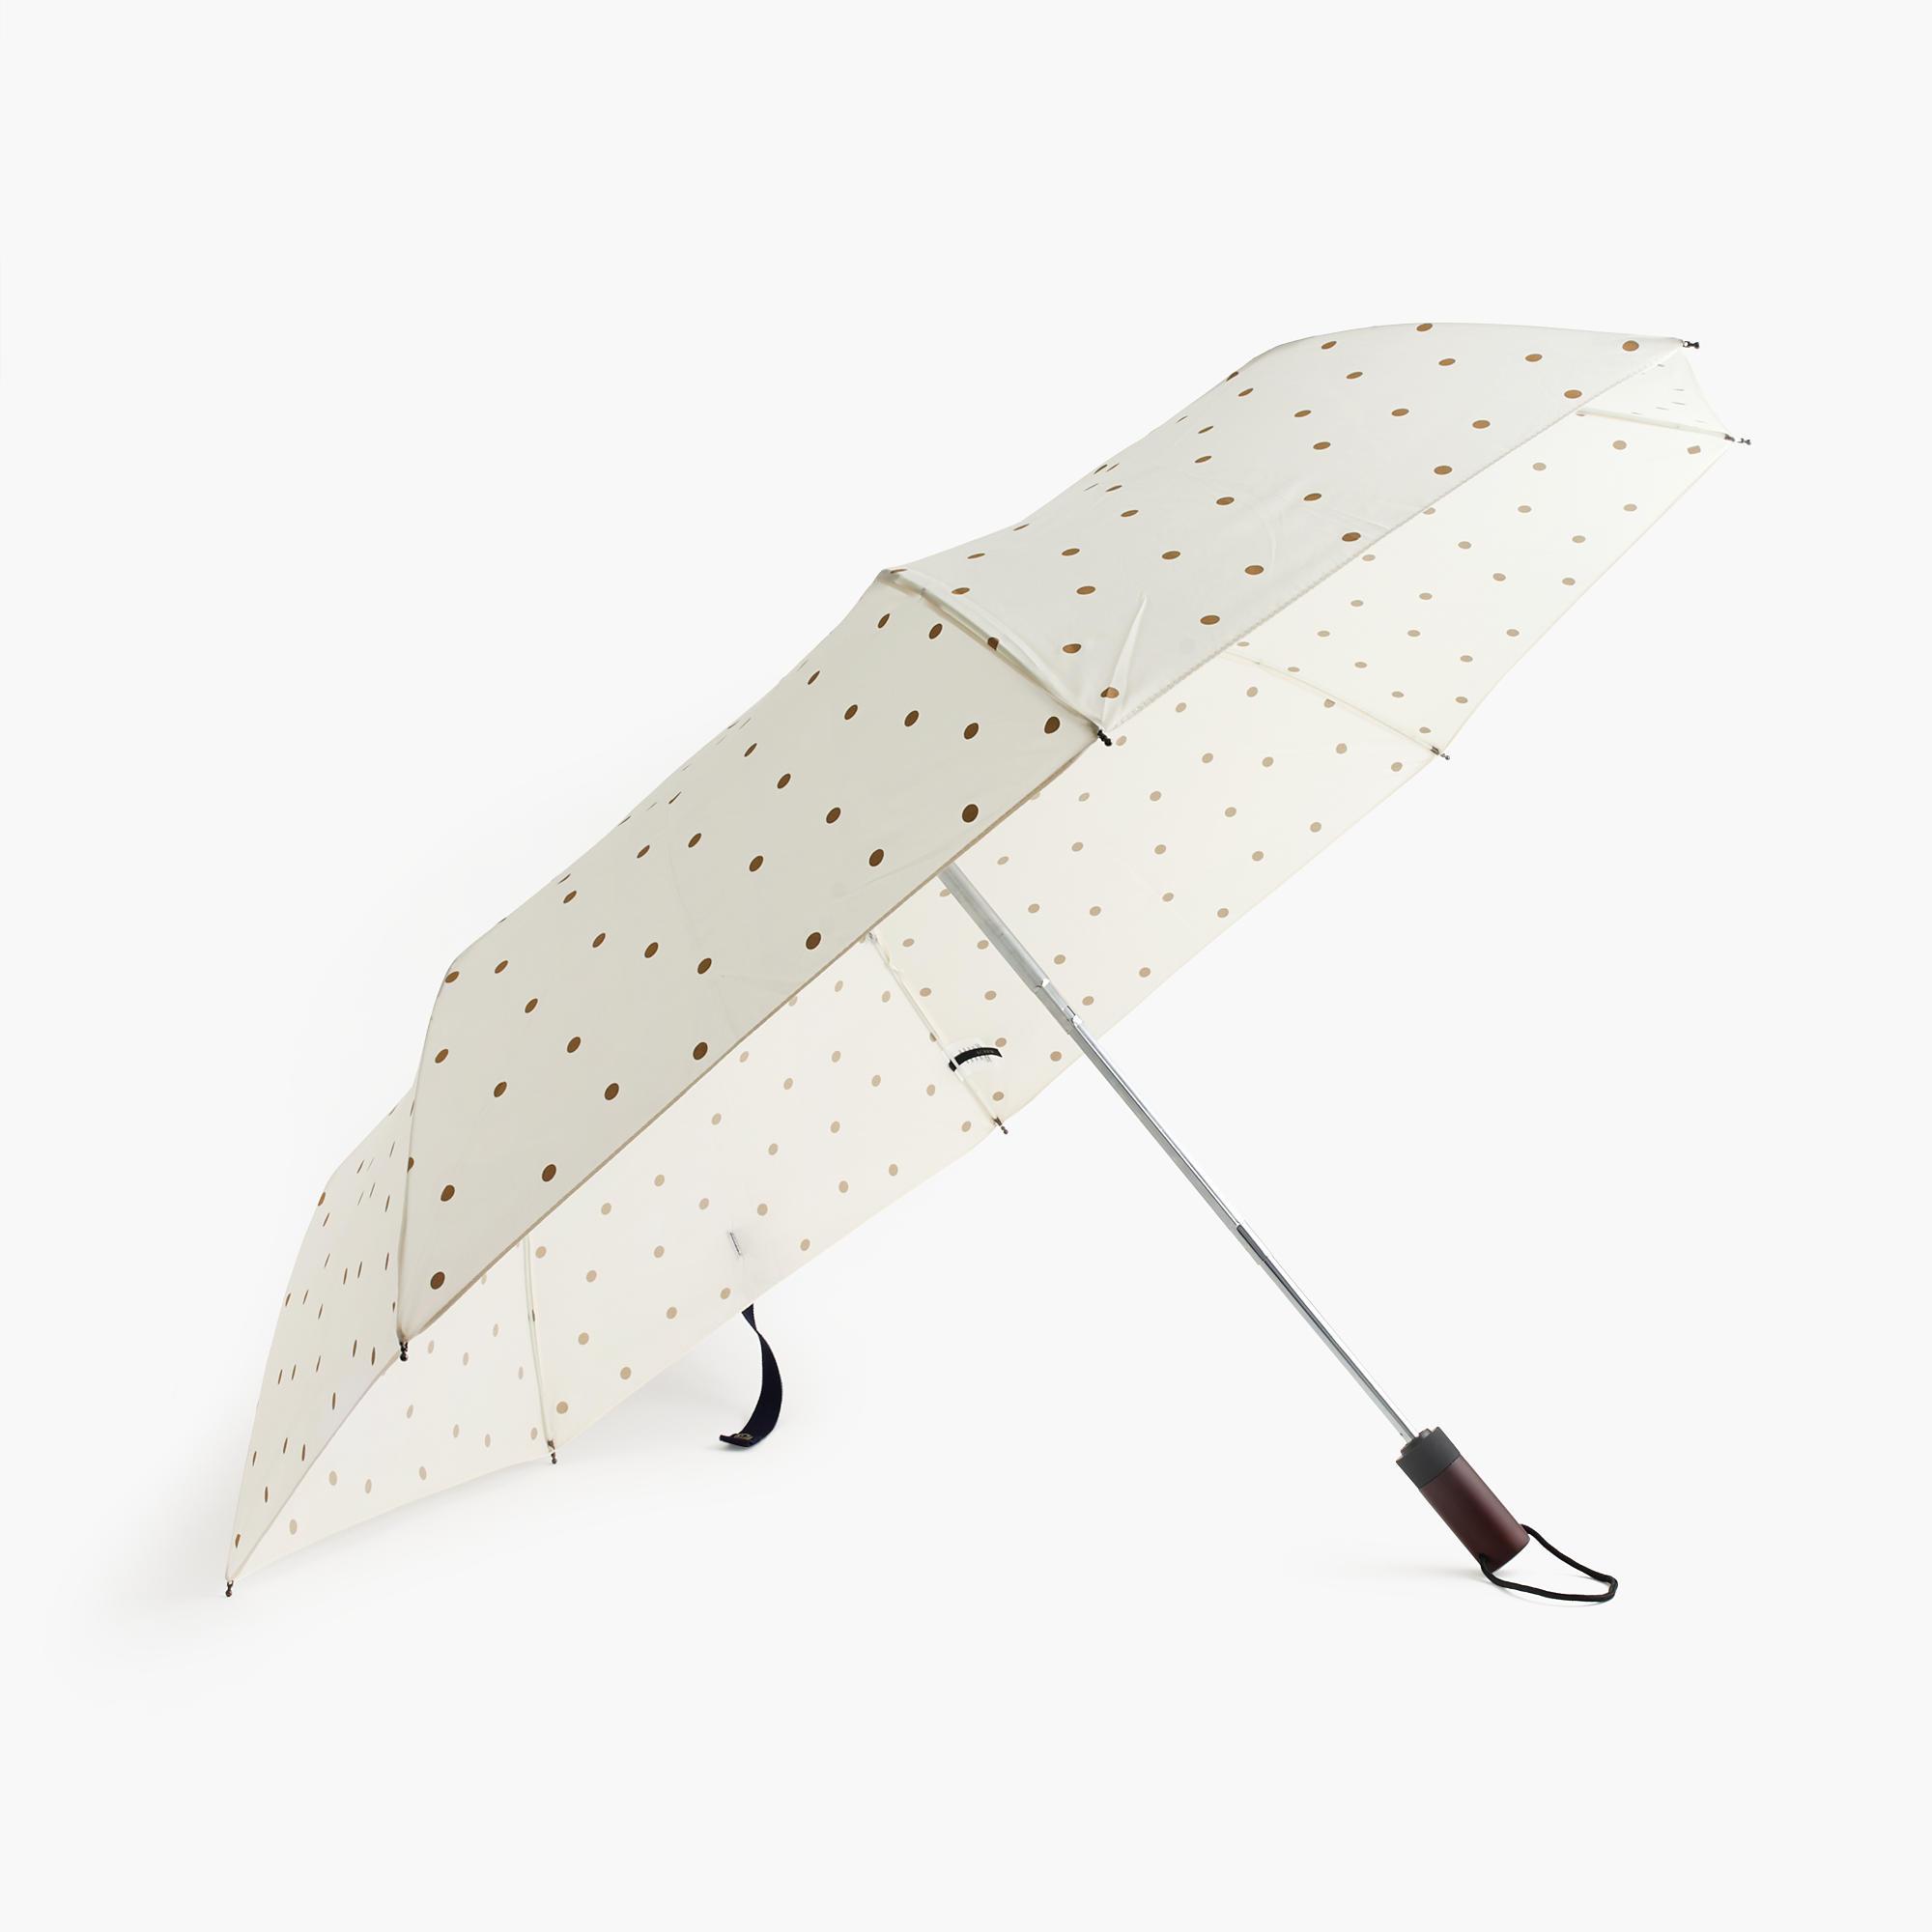 Pocket umbrella, J. Crew